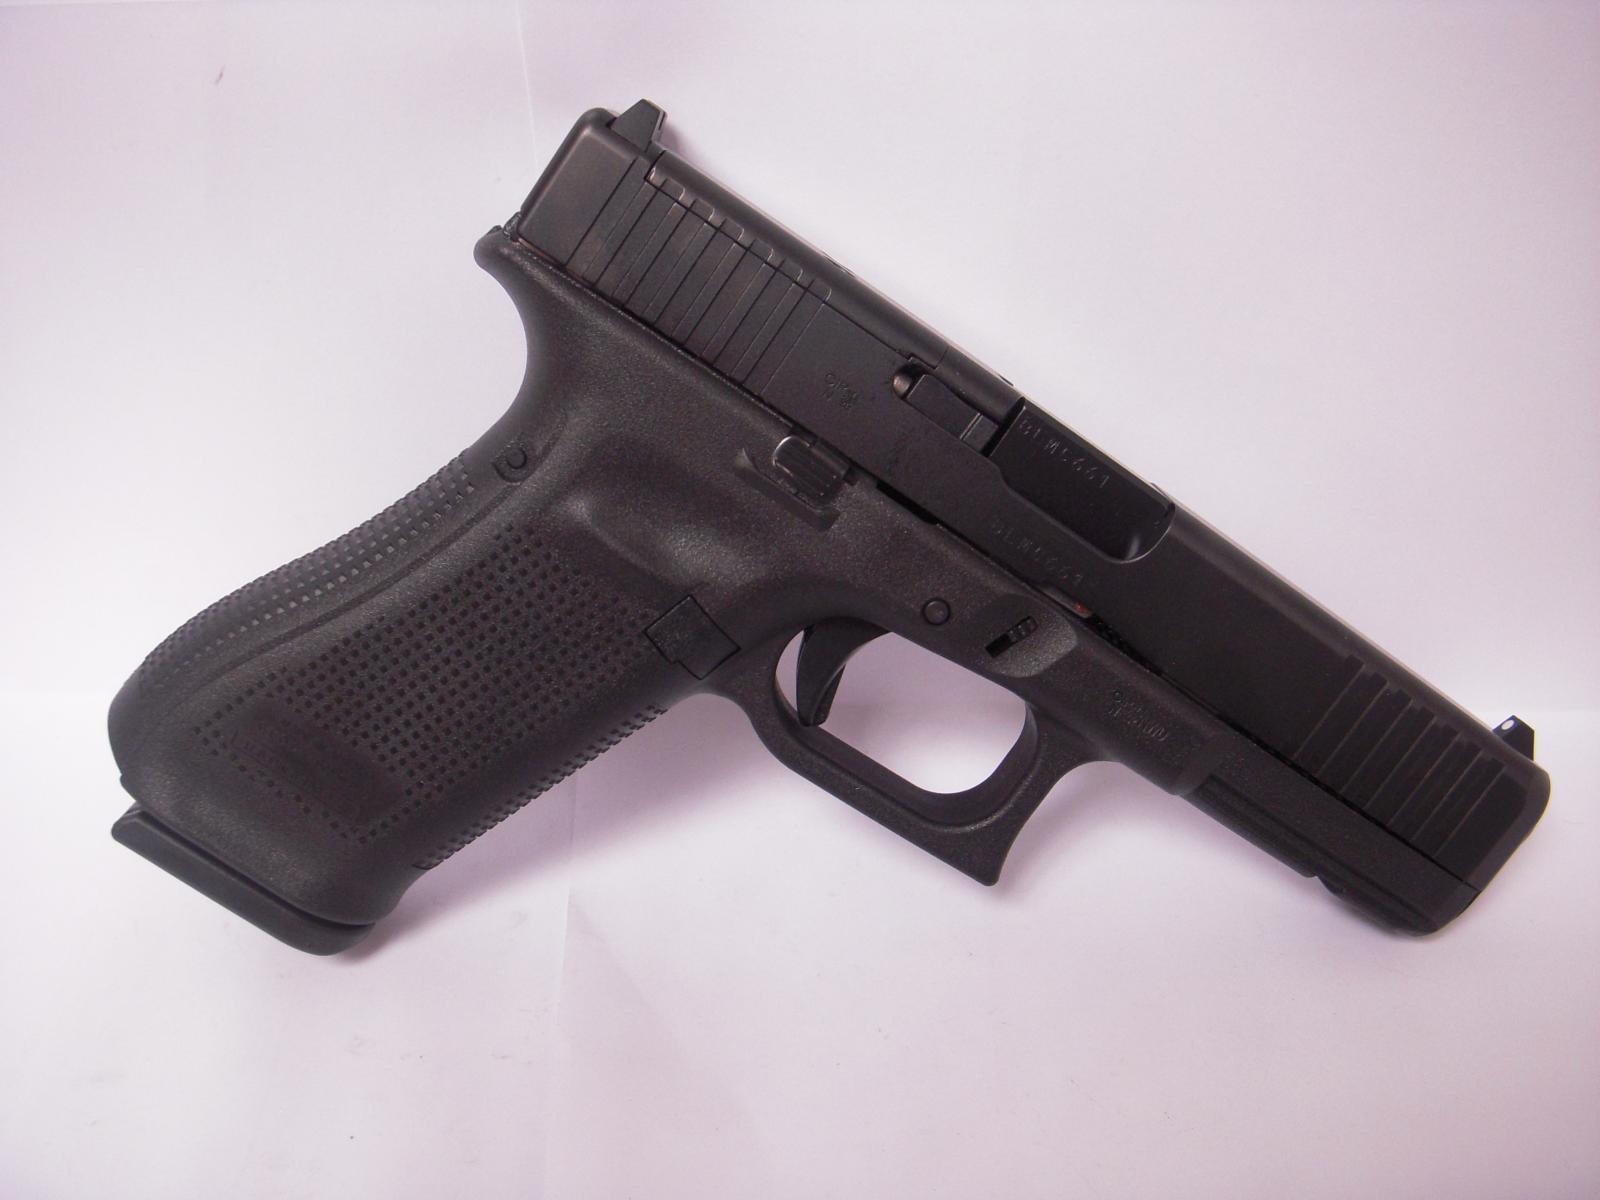 Pistolet GLOCK 17 Gen5 MOS 9mm